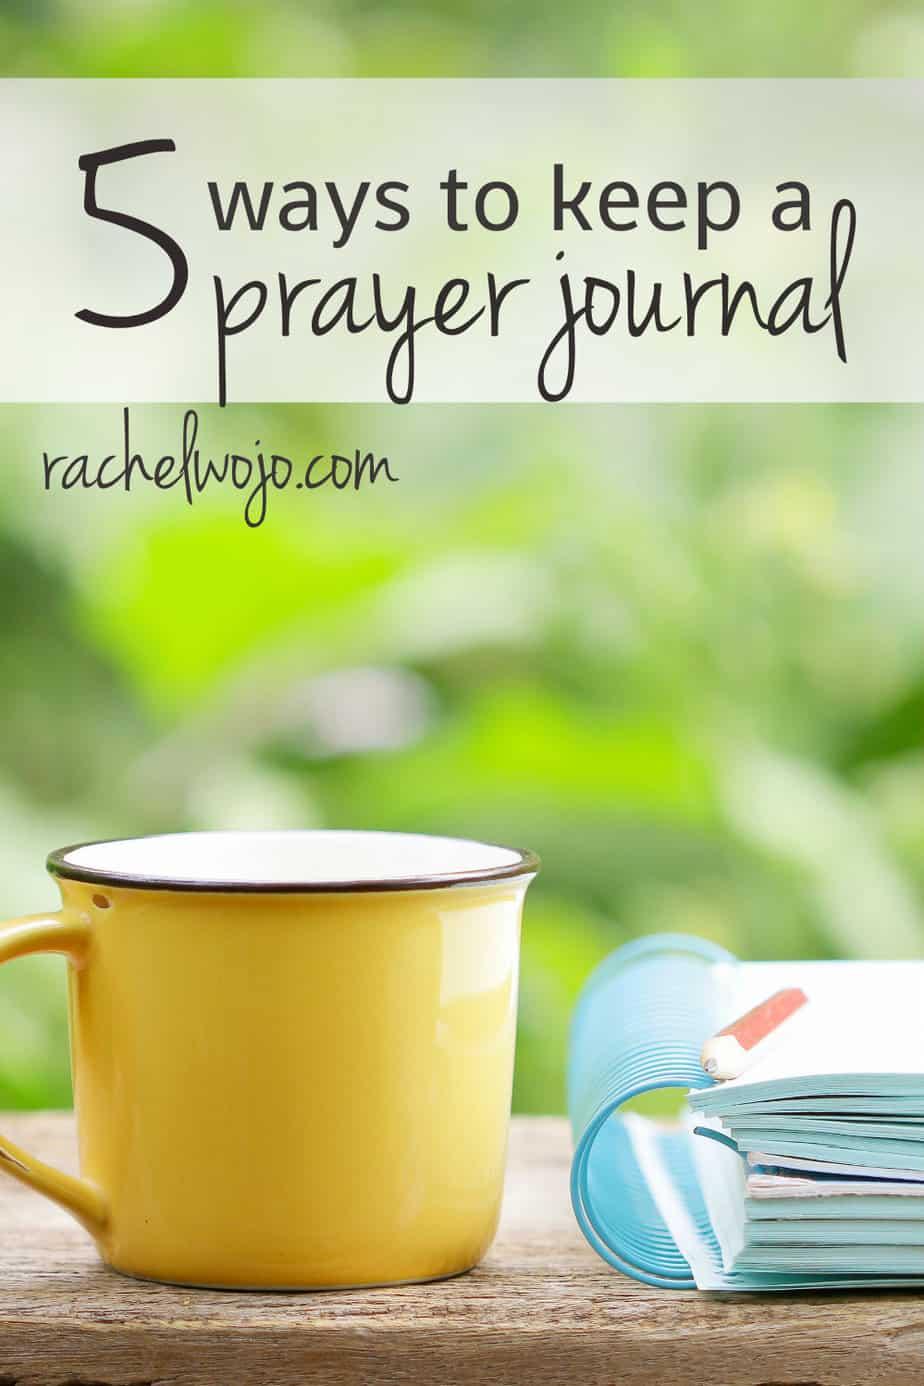 5 Ways To Keep A Prayer Journal RachelWojocom